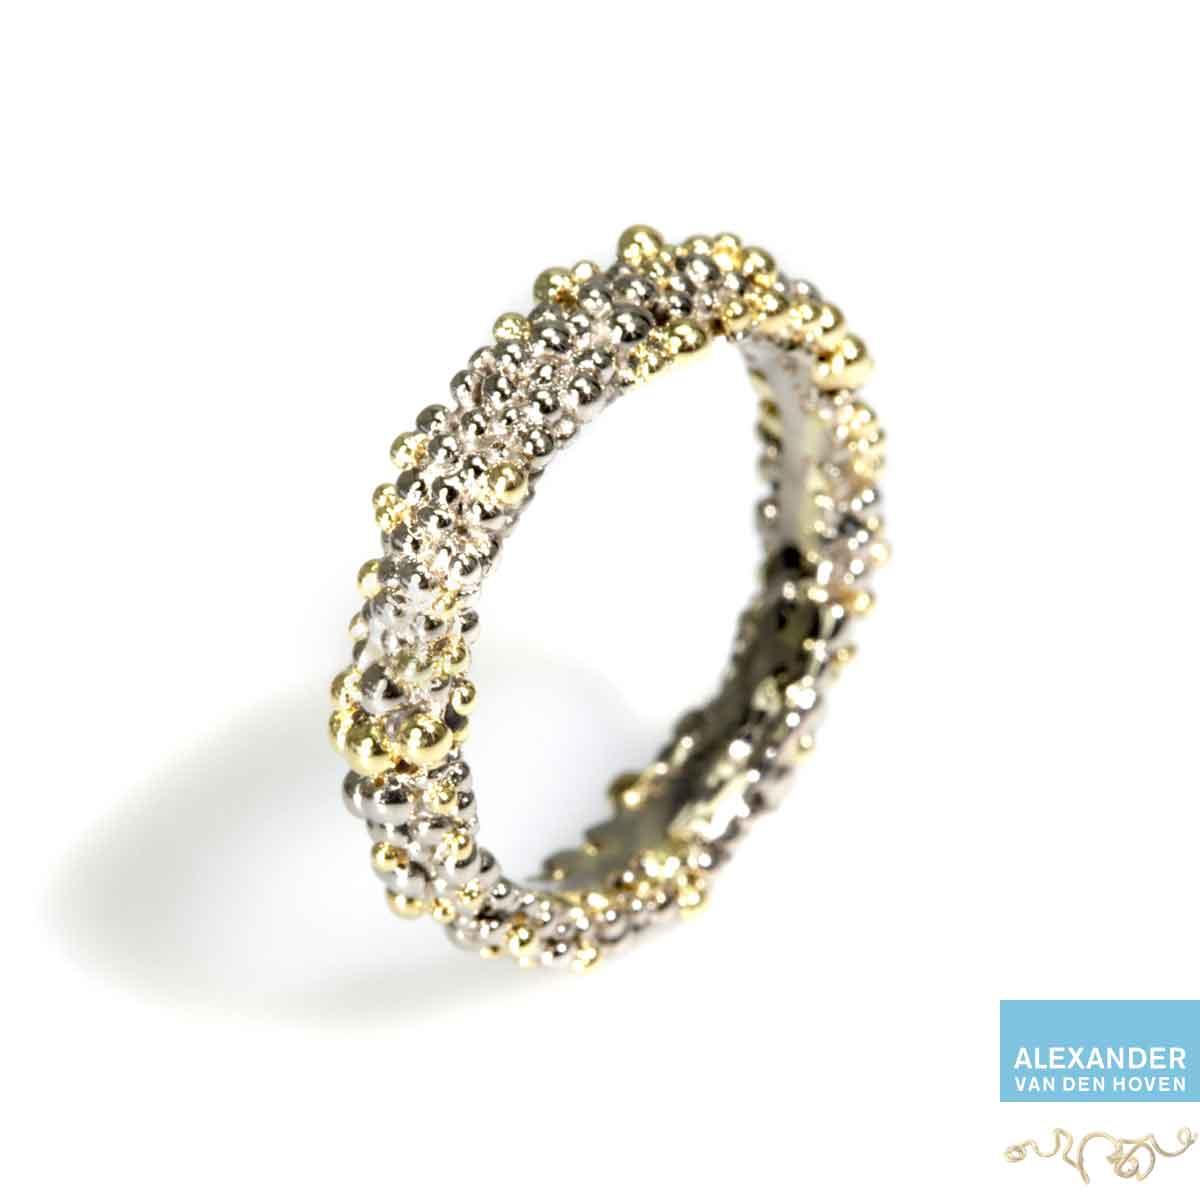 bolletjes-ring-witgoud-geelgoud-nuggets-granuleren